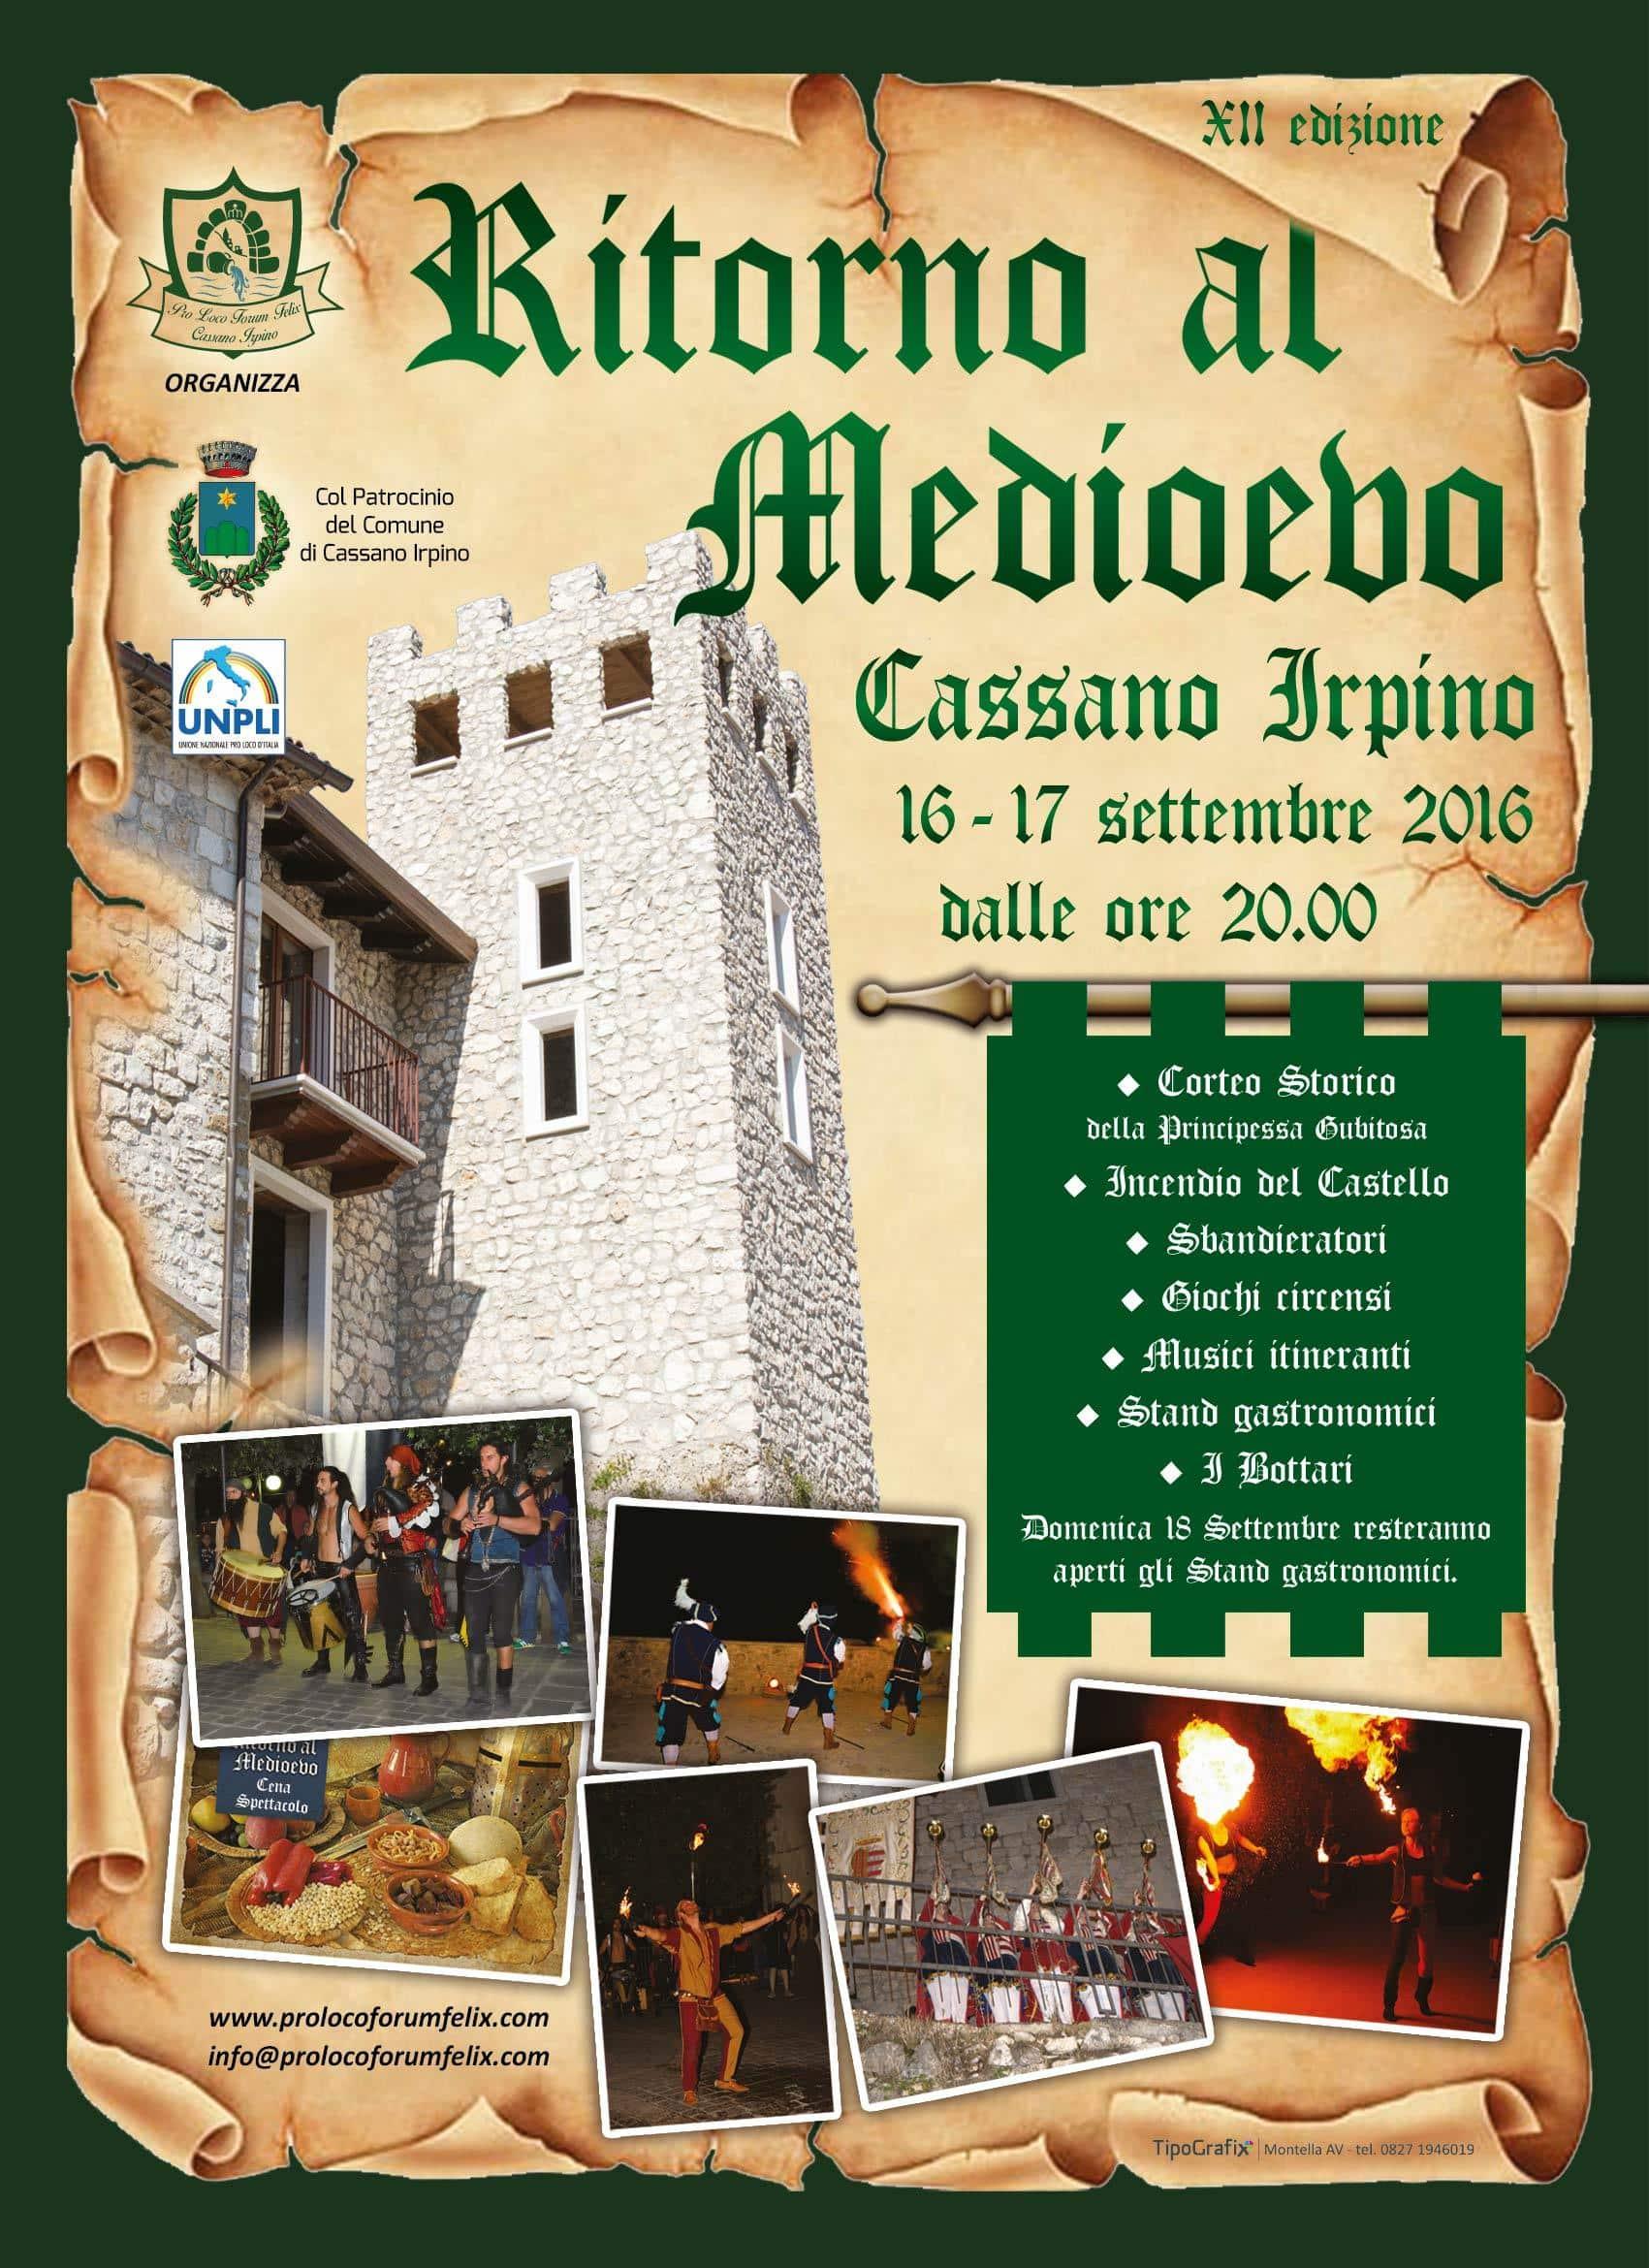 Ritorno al Medioevo a Cassano Irpino